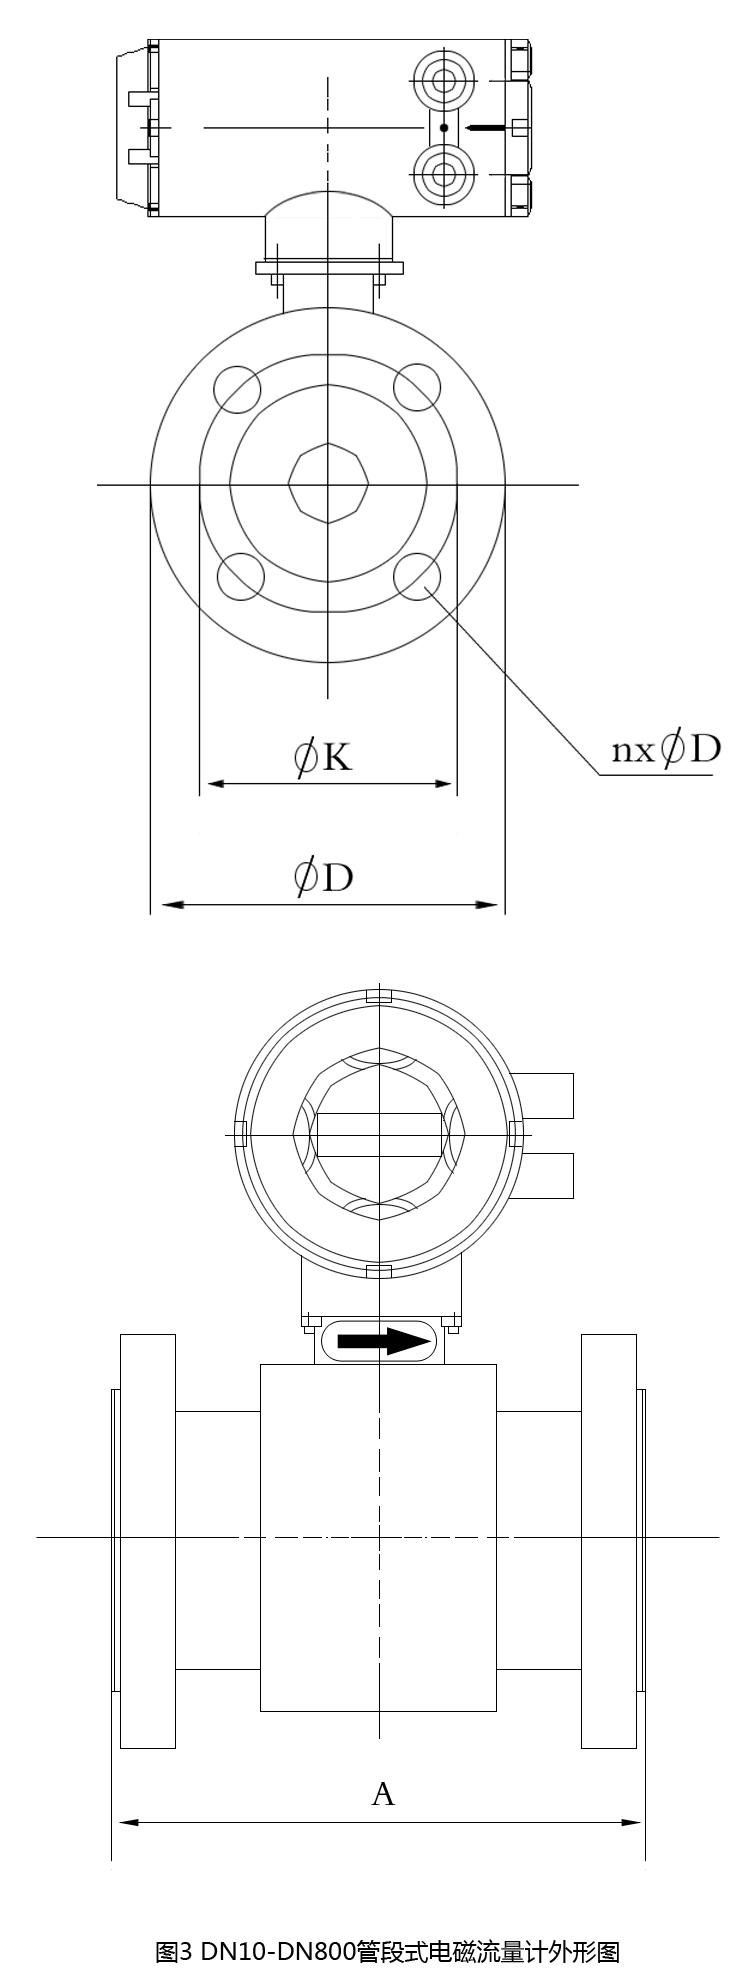 电磁流量计外形设计图